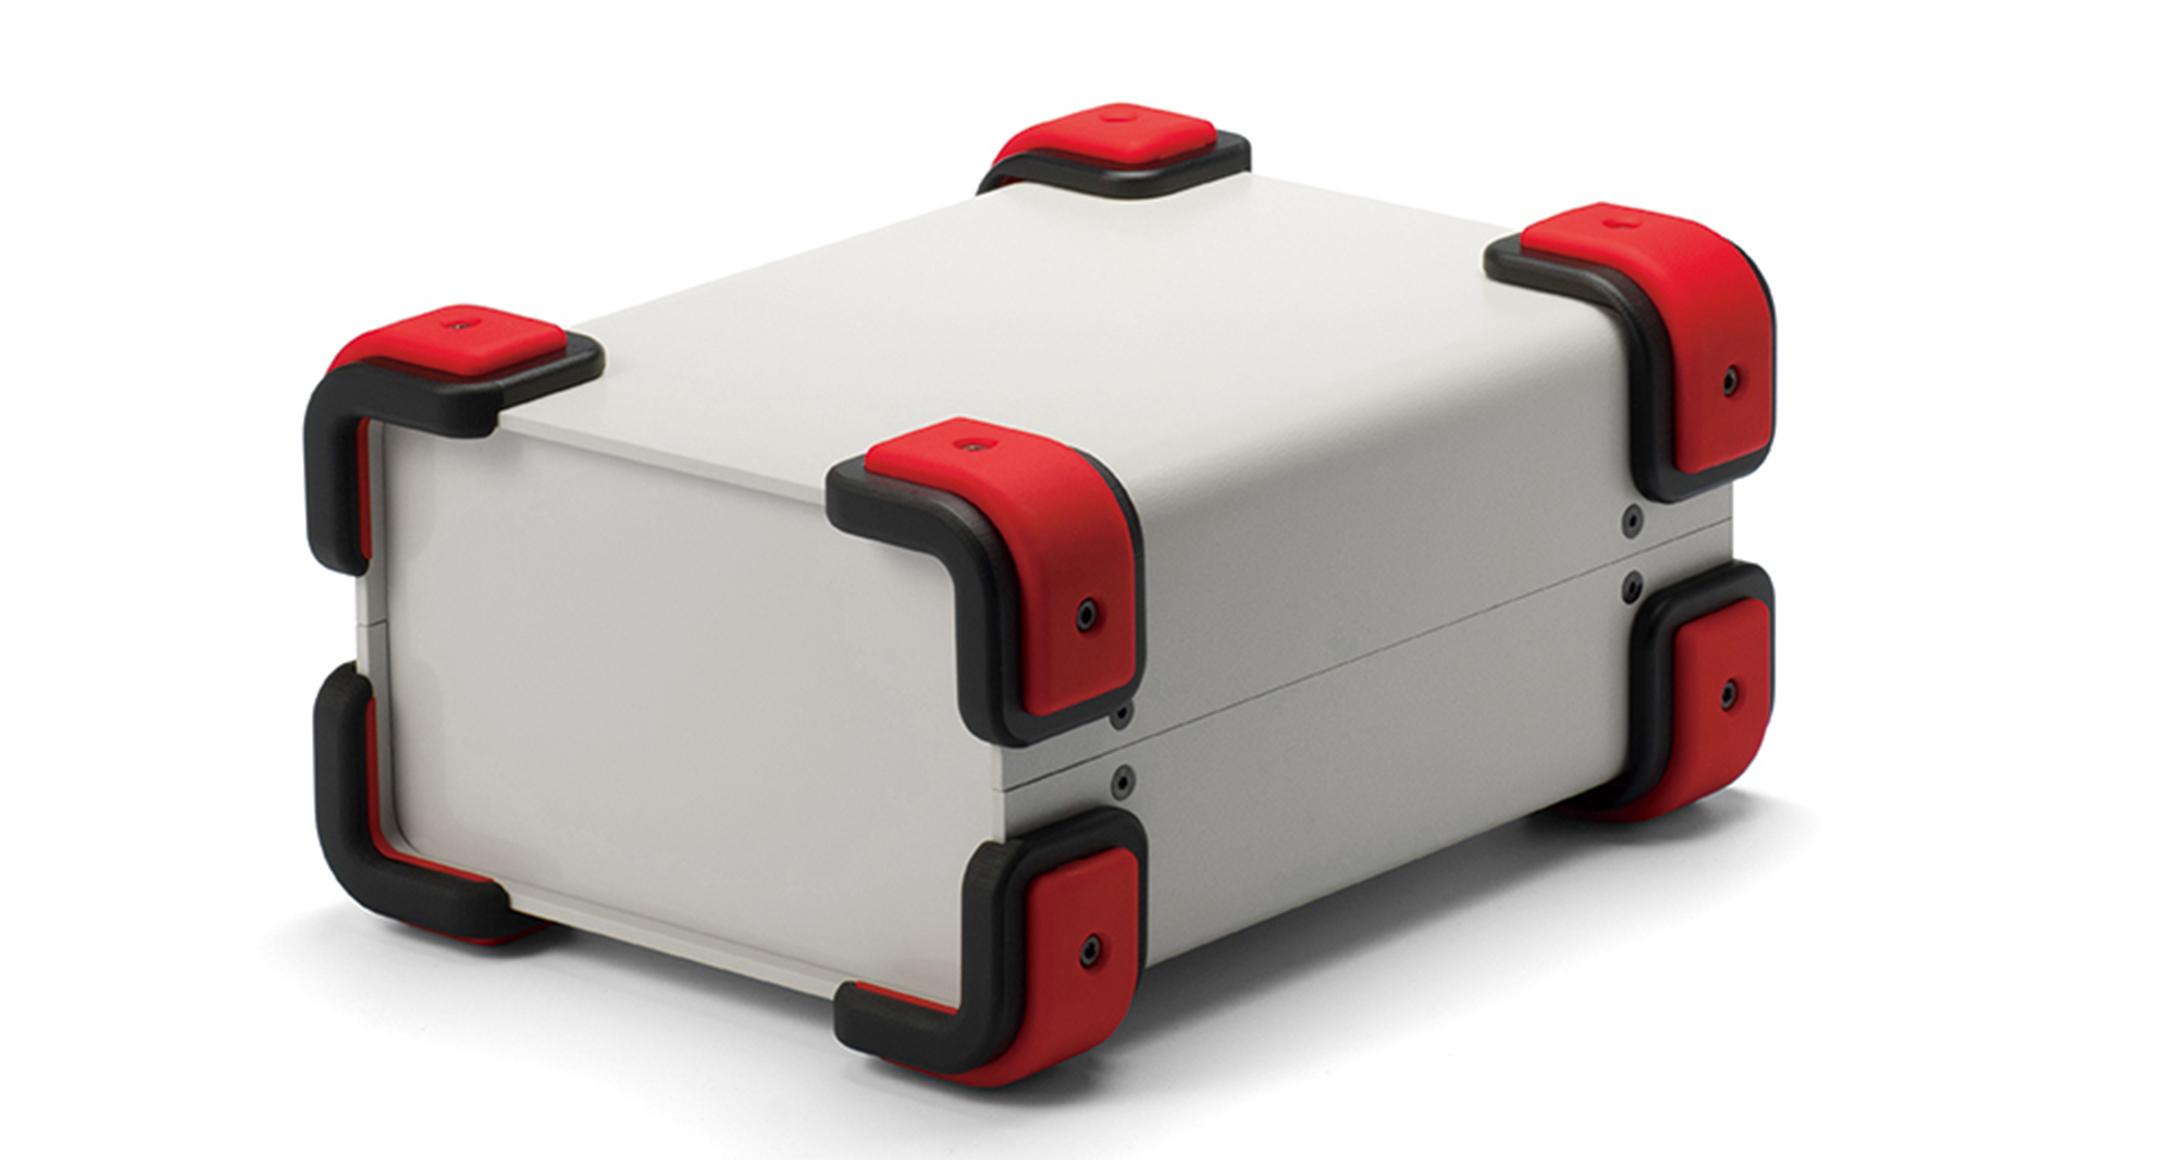 コーナーガード付フリーサイズケース UCGSシリーズ:ライトグレー/レッドの画像